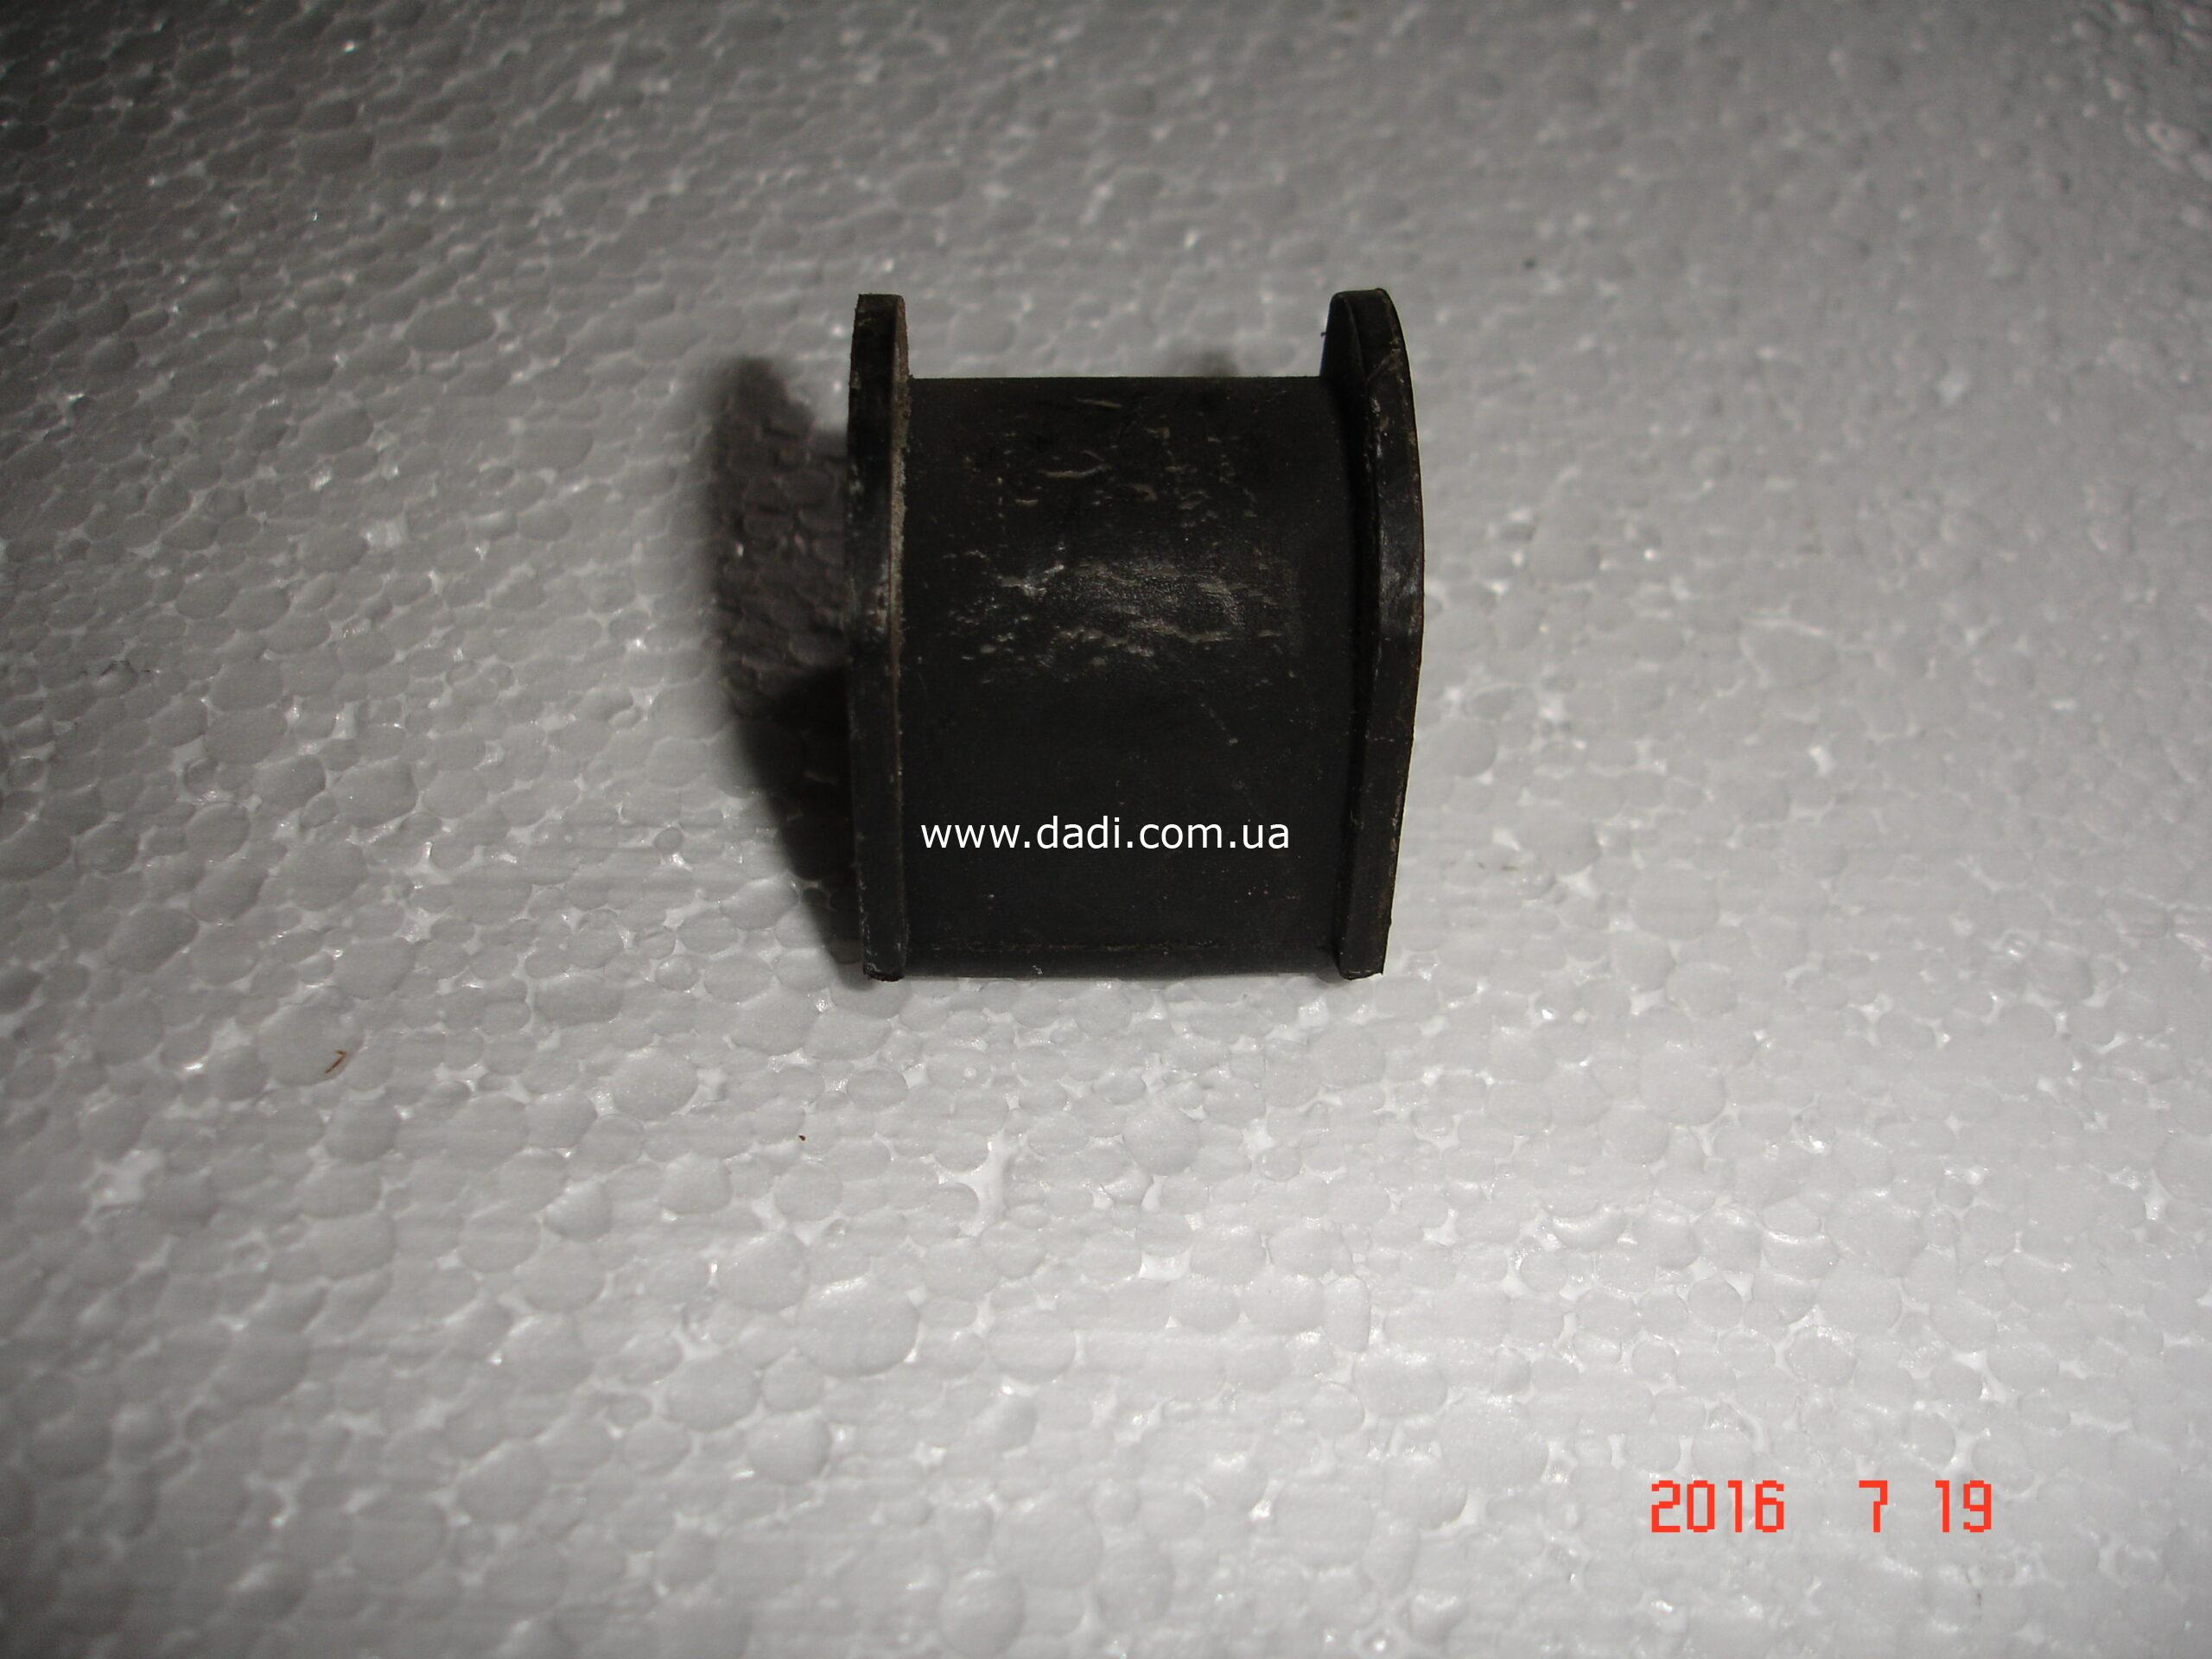 Втулка заднього стабілізатору/ втулка заднего стабилизатора-611